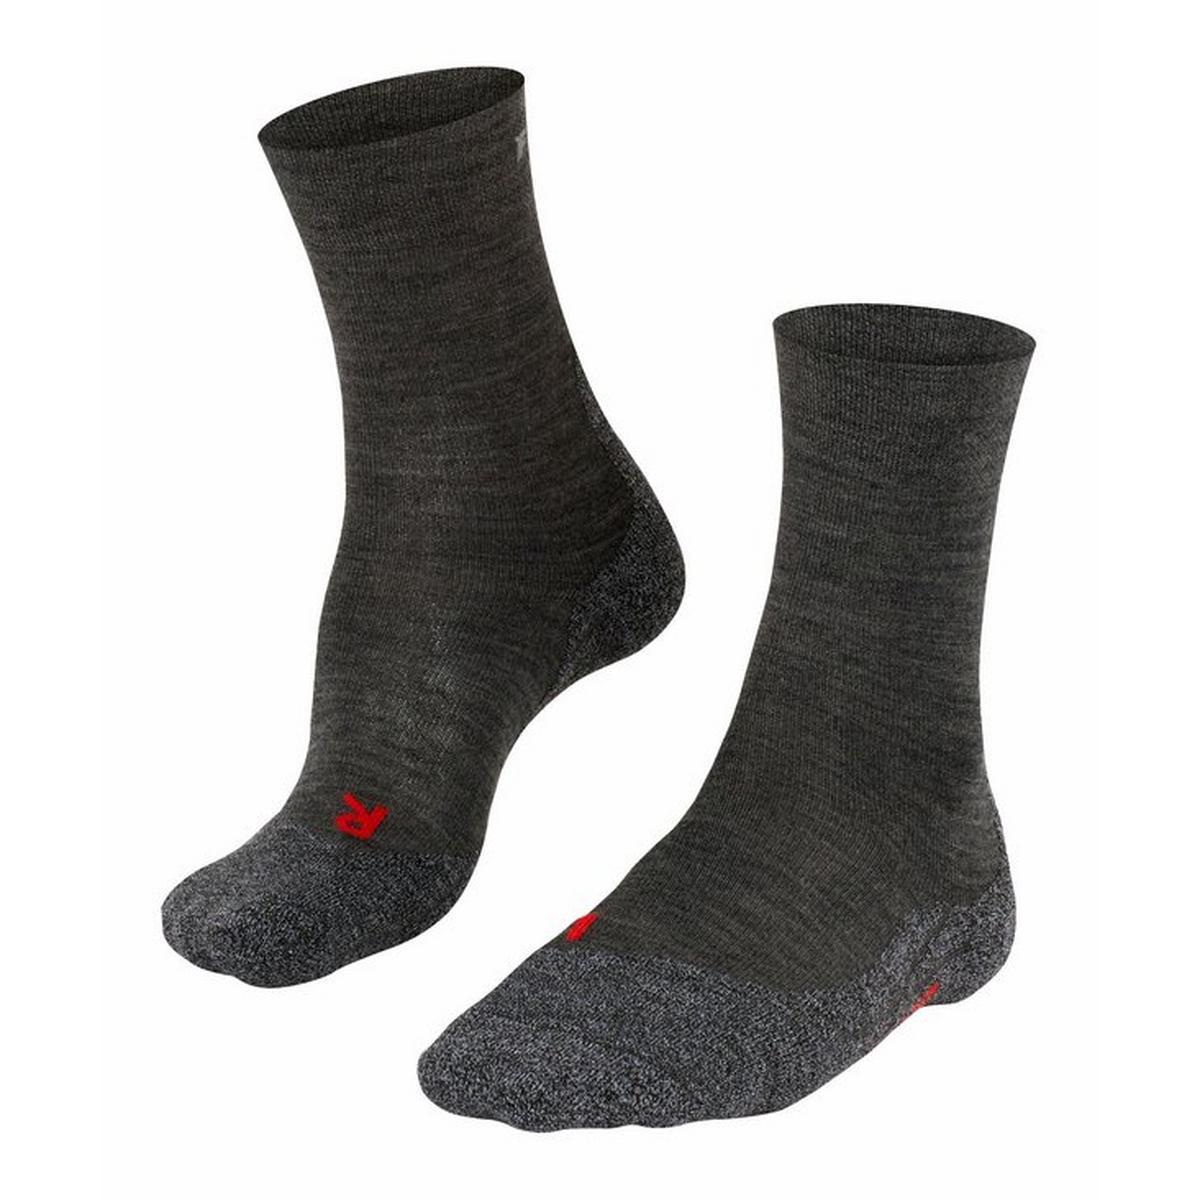 Falke HIKING Socks Men's TK2 Sensitive Asphalt